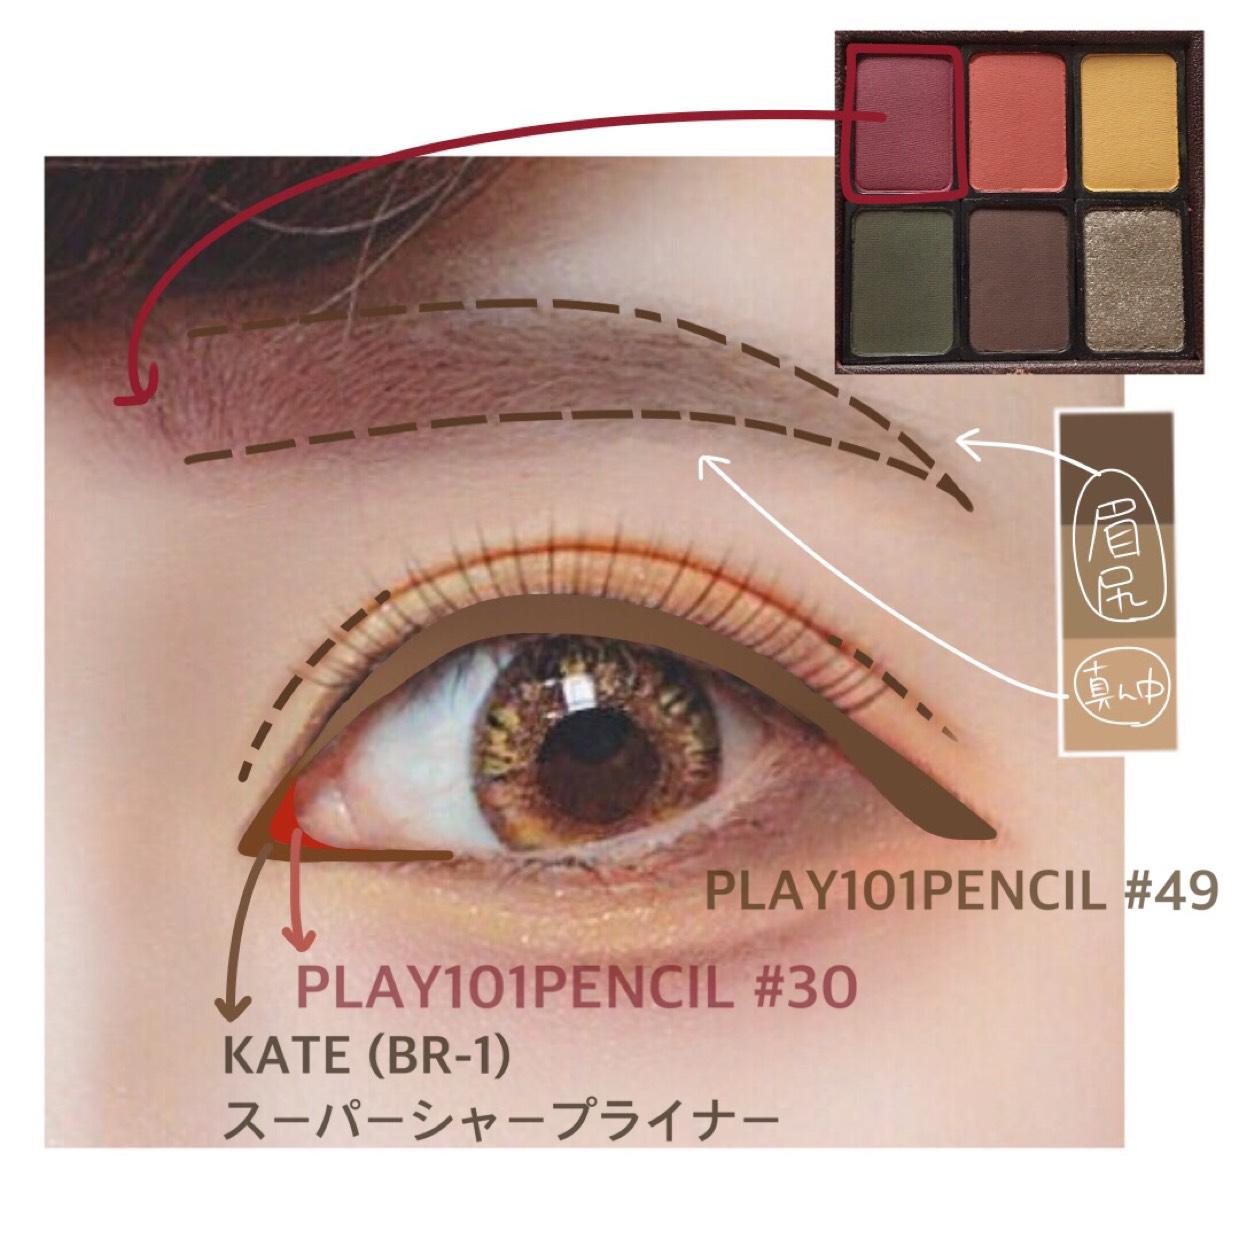 眉頭に赤を入れてアイメイクに合わせます!(点線はK-Paletteリアルラスティングアイブロウ01。) 眉マスカラはインテグレート ニュアンスアイブローBR773。  アイラインはペンシルで柔らかく仕上げます。(目頭と同じ高さになるように目尻を引きます)